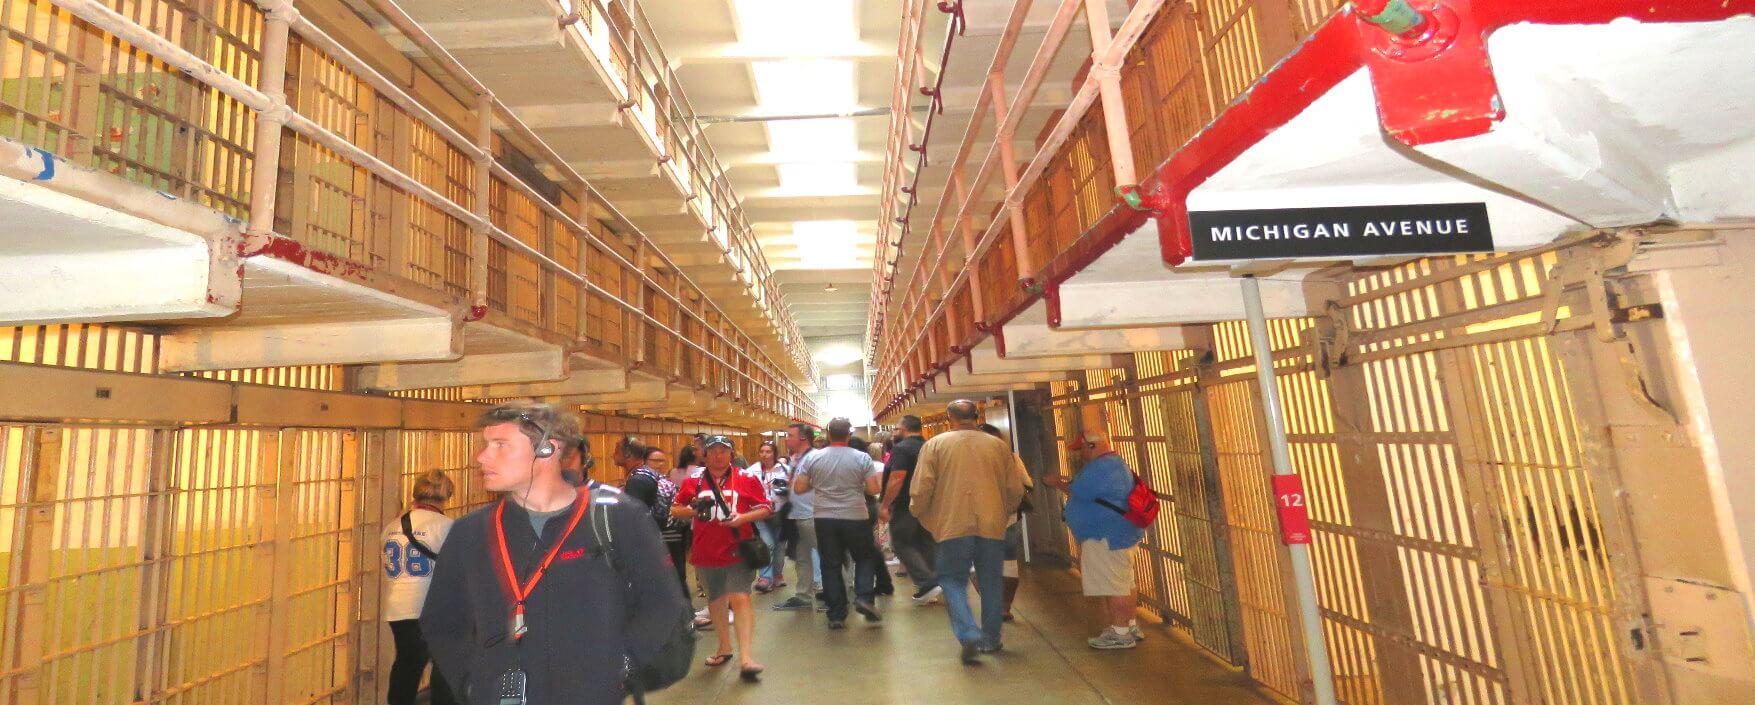 Visiter_la_prison_de_l-ile_d'Alcatraz_excursions